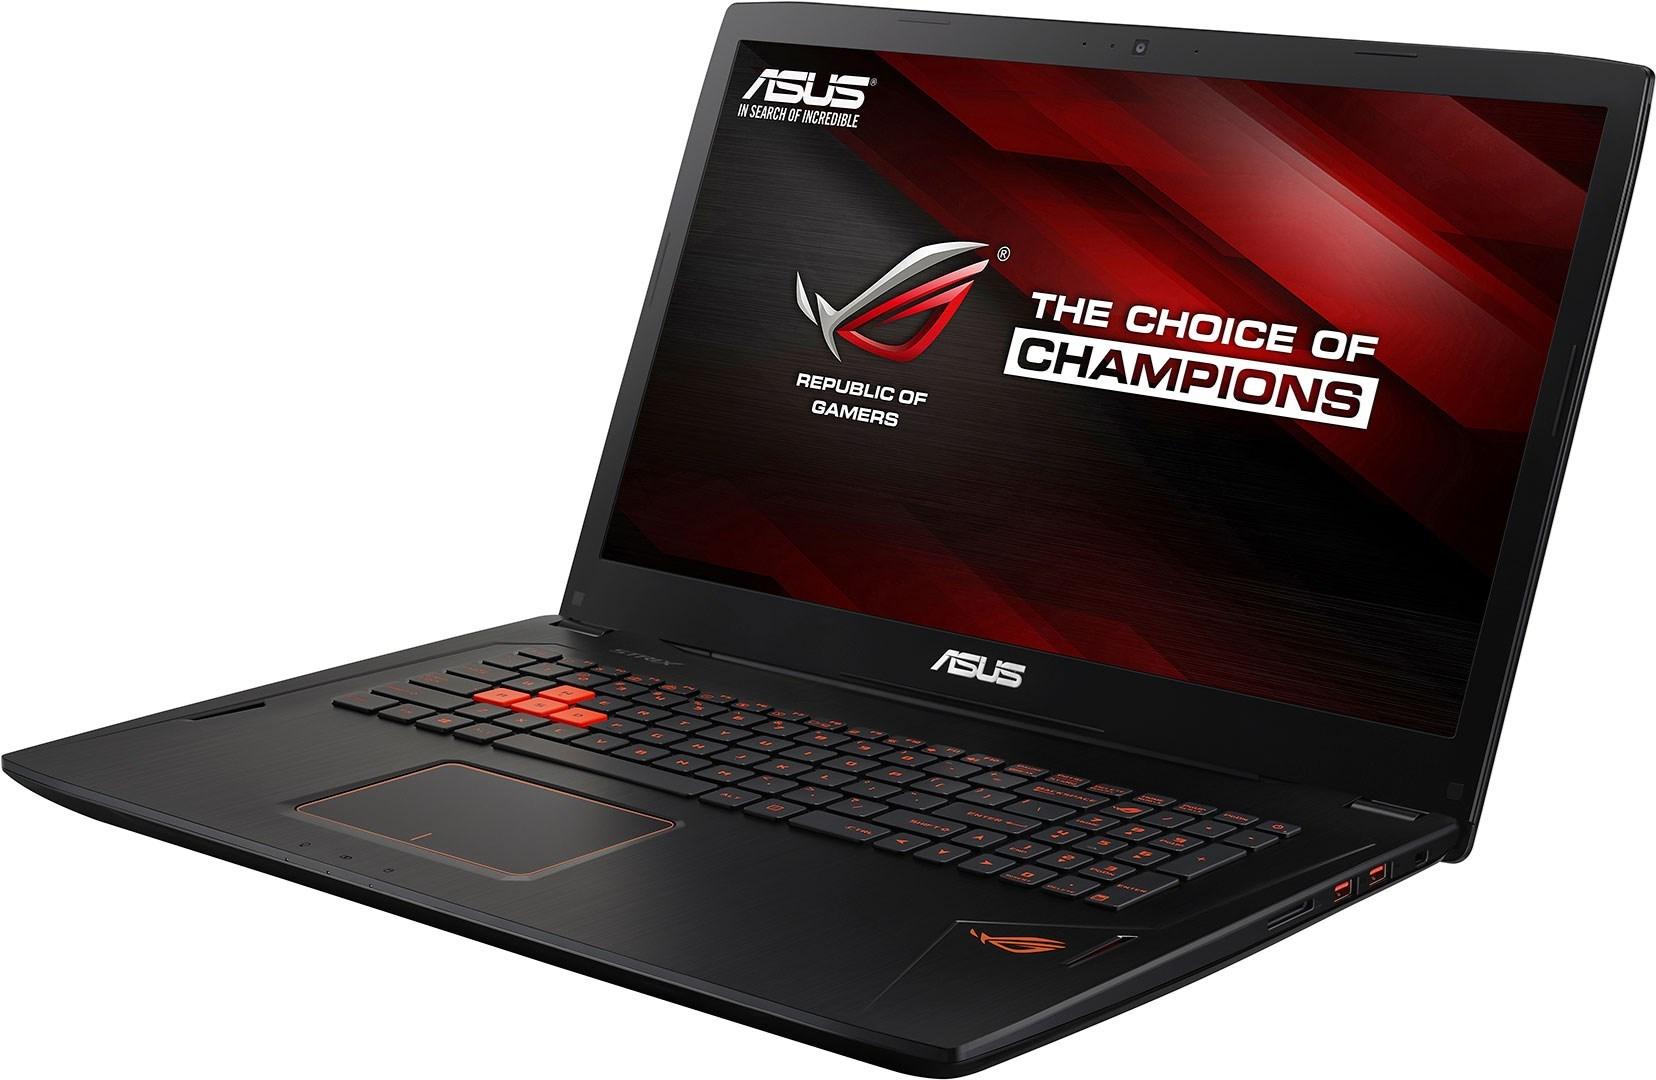 ASUS ROG GL702VT-GC056T - Snabb 17,3-tums speldator med högpresterande prestanda